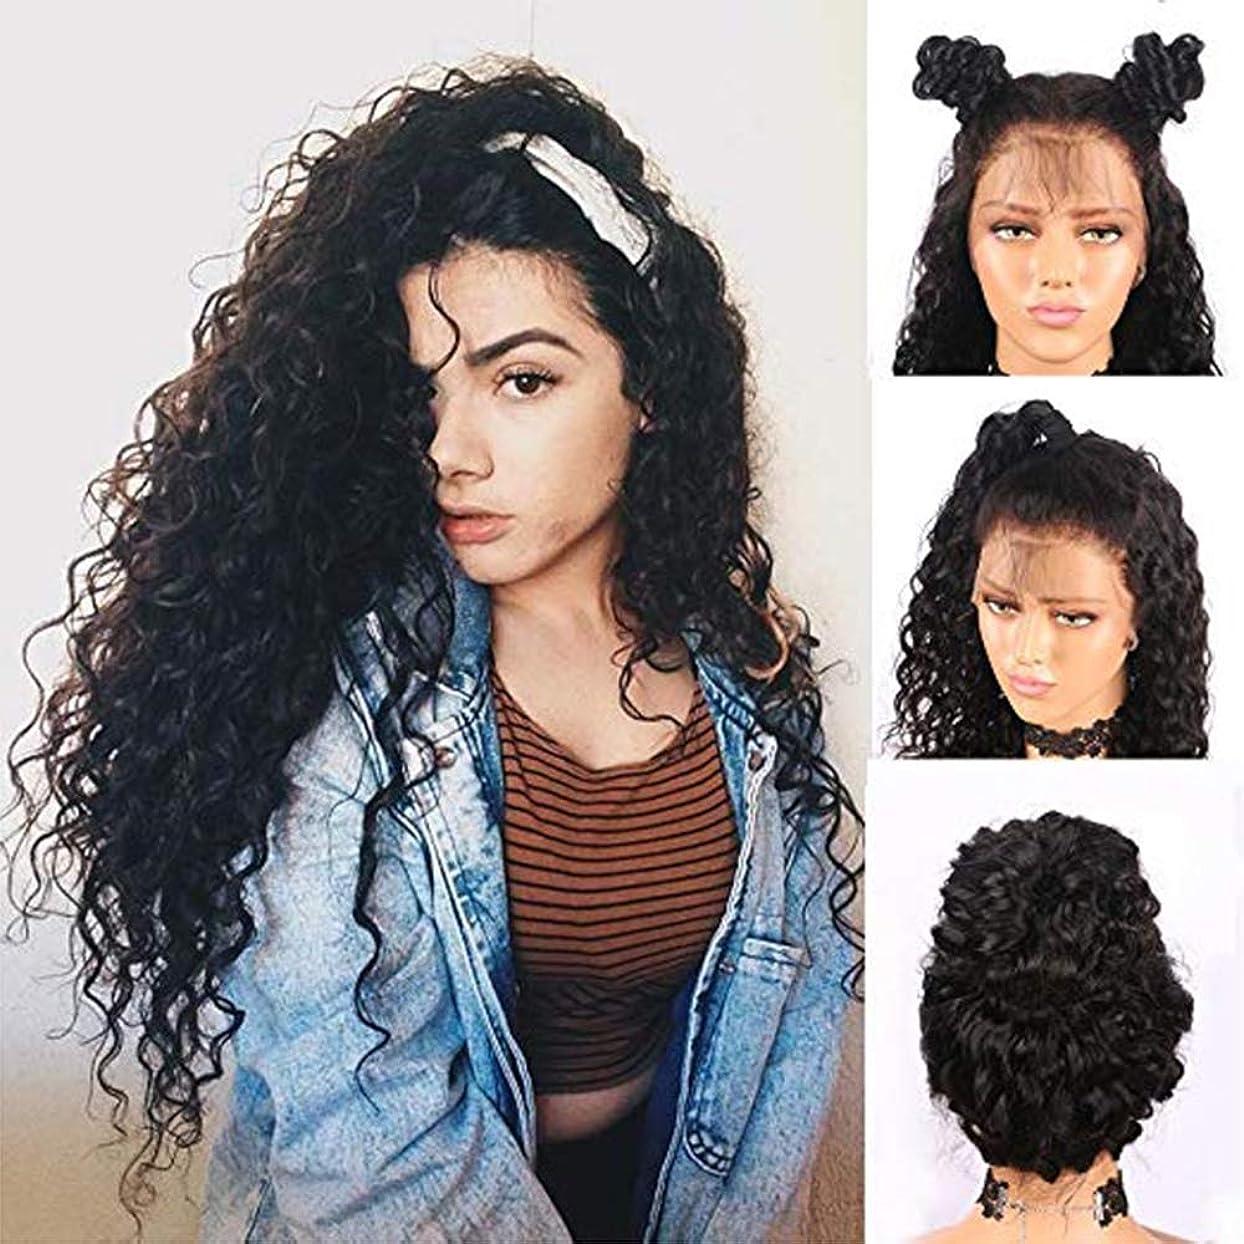 代表してますます呪われた女性のためのフロントレースロングカーリーウィッグアフロブラック人工毛サイドパートウィッグ無料かつらキャップ付き26%密度(26インチ)